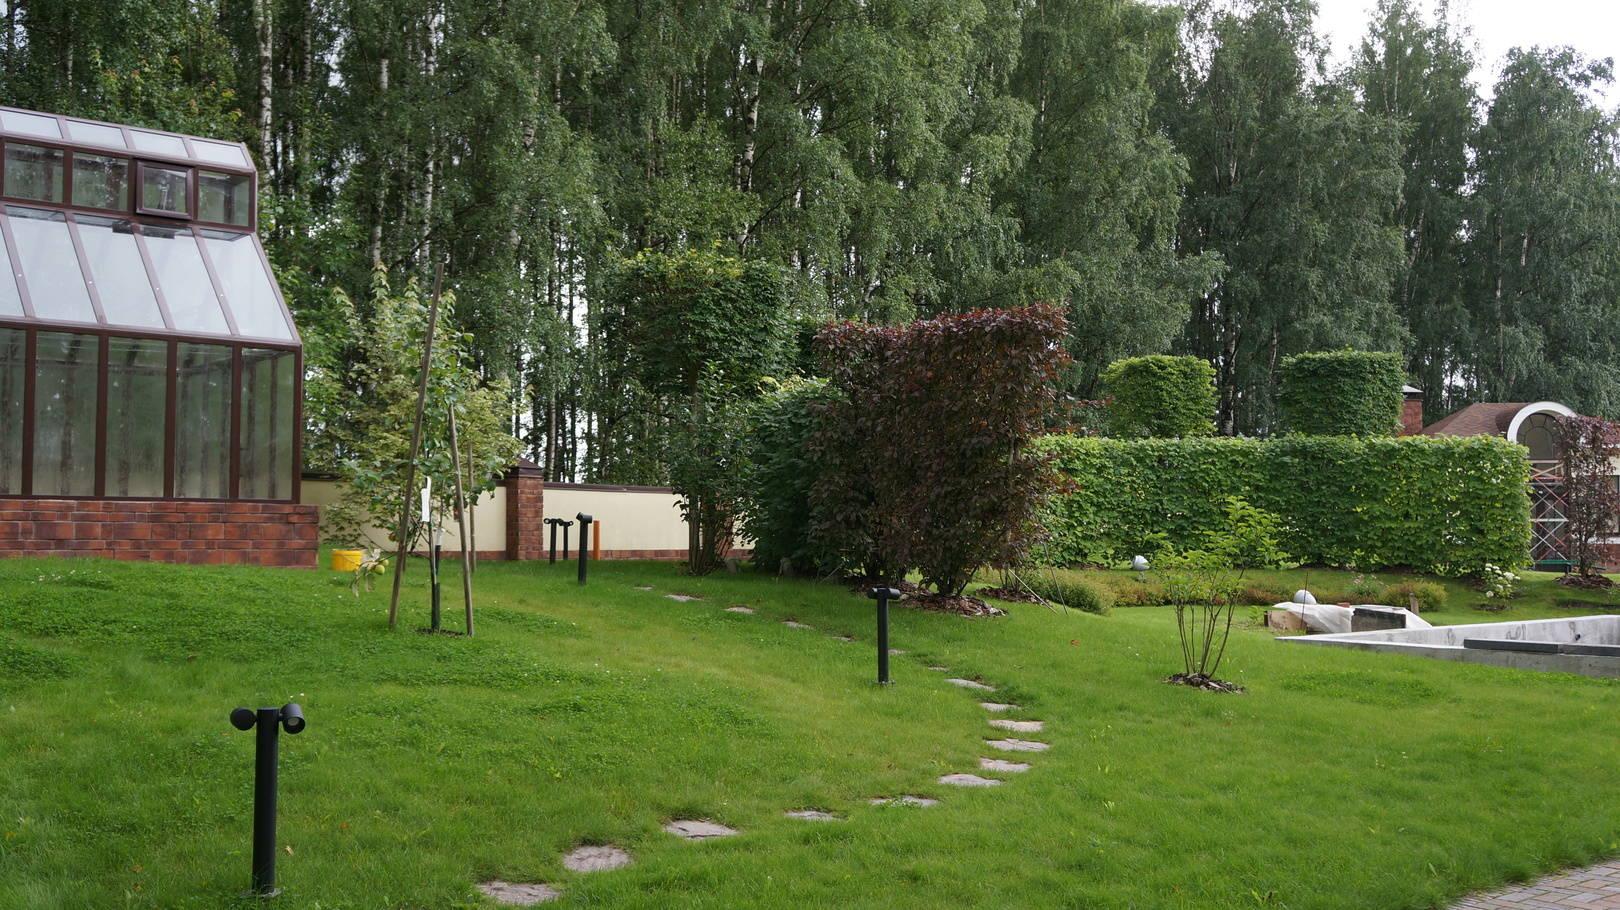 Осталось закончить чашу фонтана и тогда можно будет увидеть сад фронтально, с амфитеатром из элементов живой изгороди липы   и липы , кроны которой сформированы в кубы. Зелёными кабинетами служат декоративные яблони, расположенные с право и  с лева , зеленого амфитеатра.